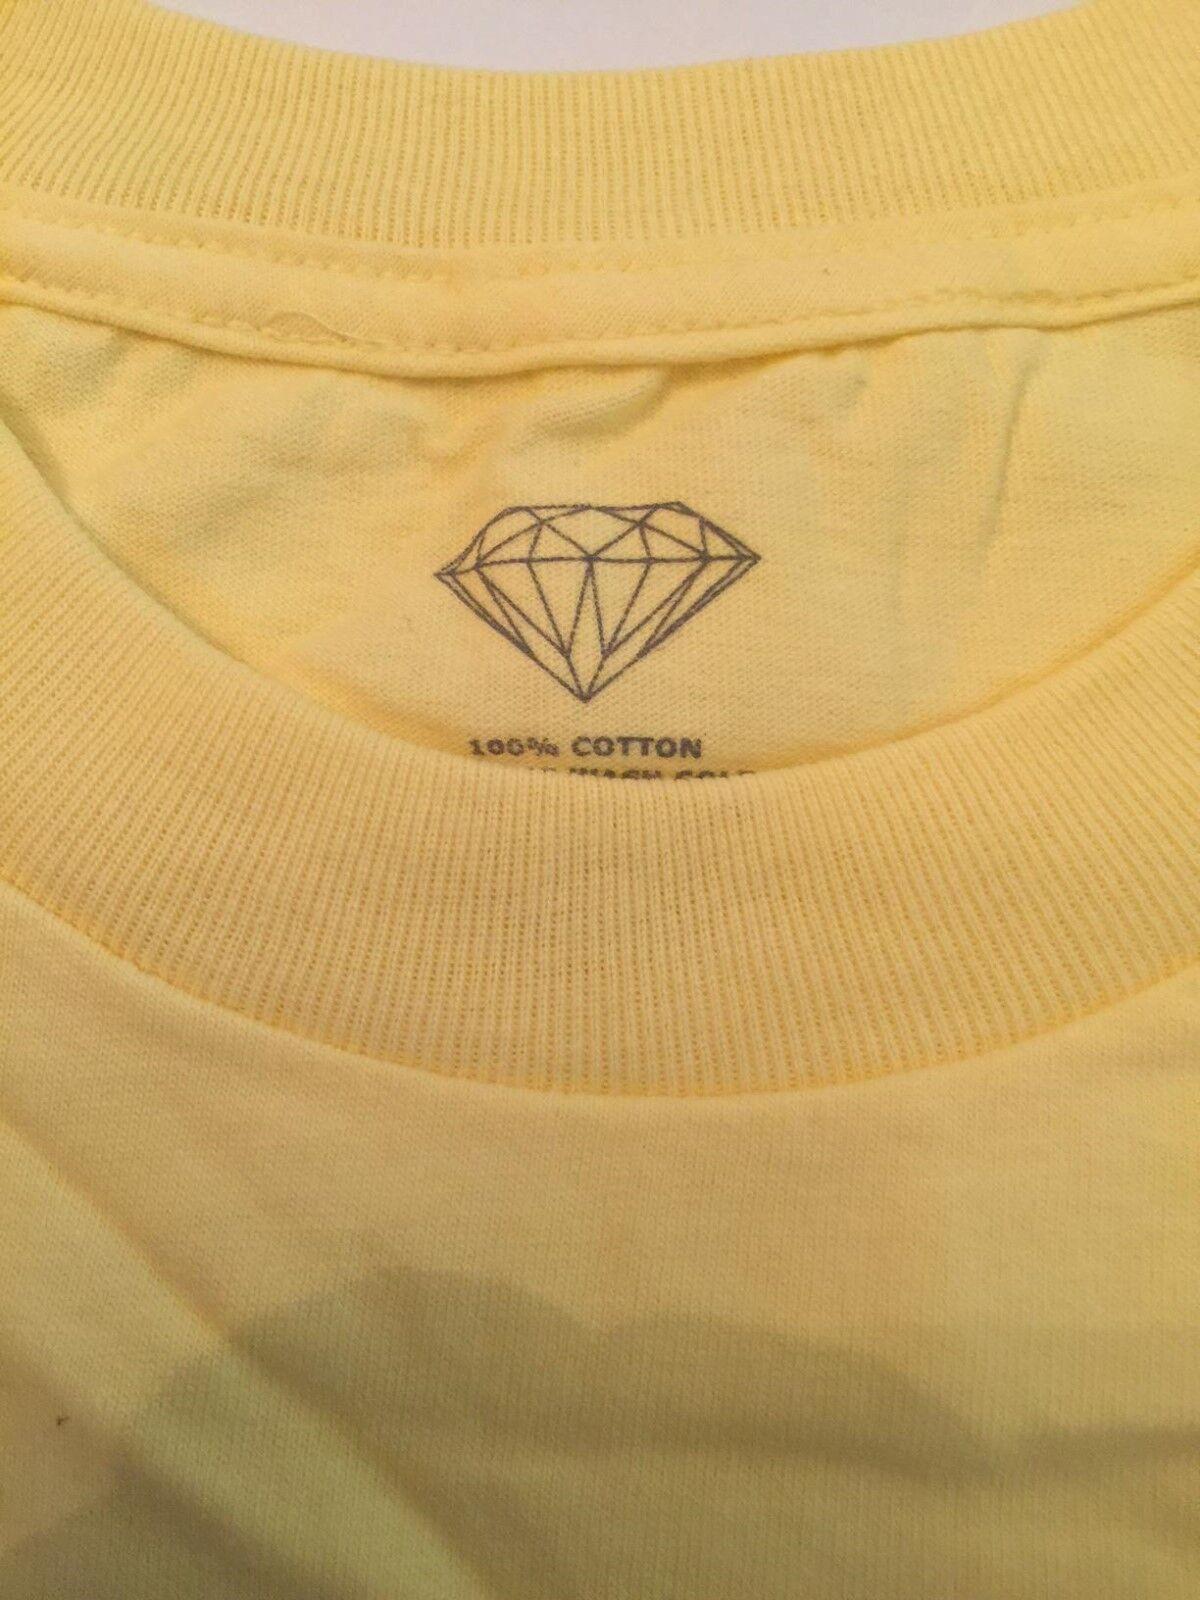 Diamond Supply Co. Diamond RARE Side Pina Colada Tee s/s Large RARE Diamond 2008 92df11